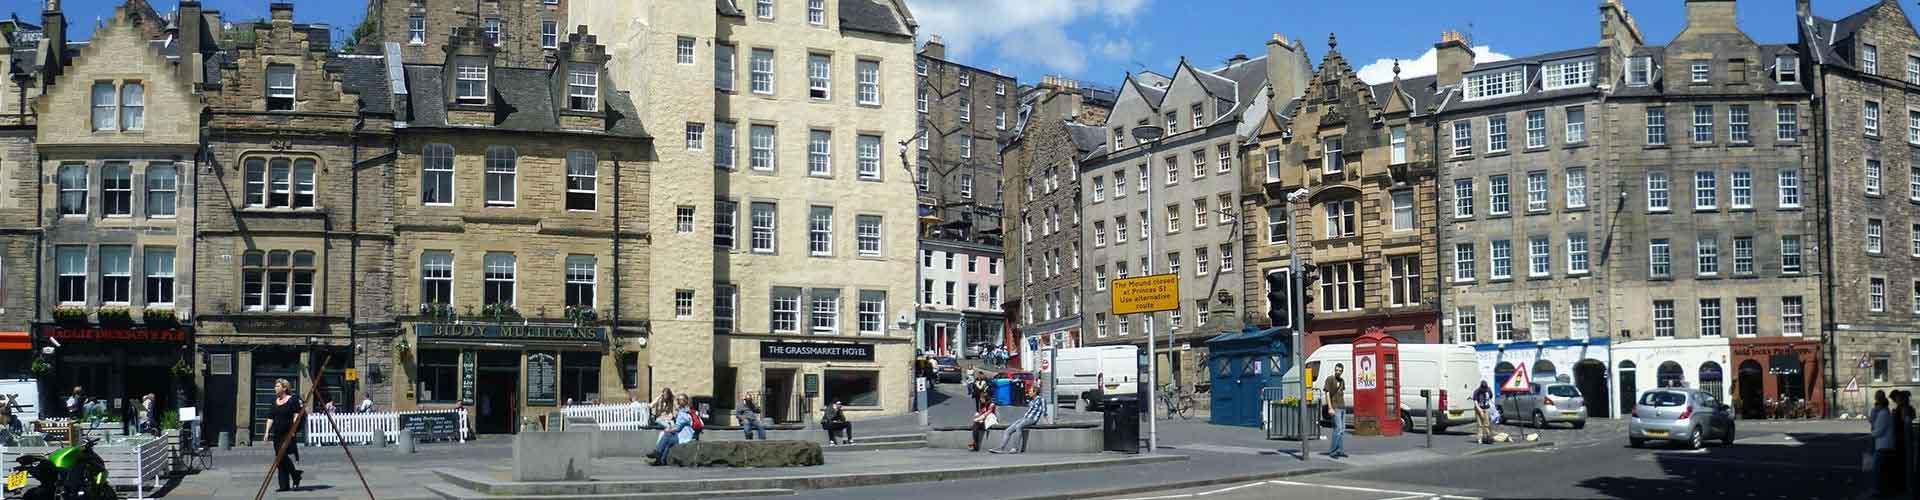 Edimburgo - Hoteles baratos en el distrito The Grassmarket. Mapas de Edimburgo, Fotos y comentarios de cada Hotel barato en Edimburgo.